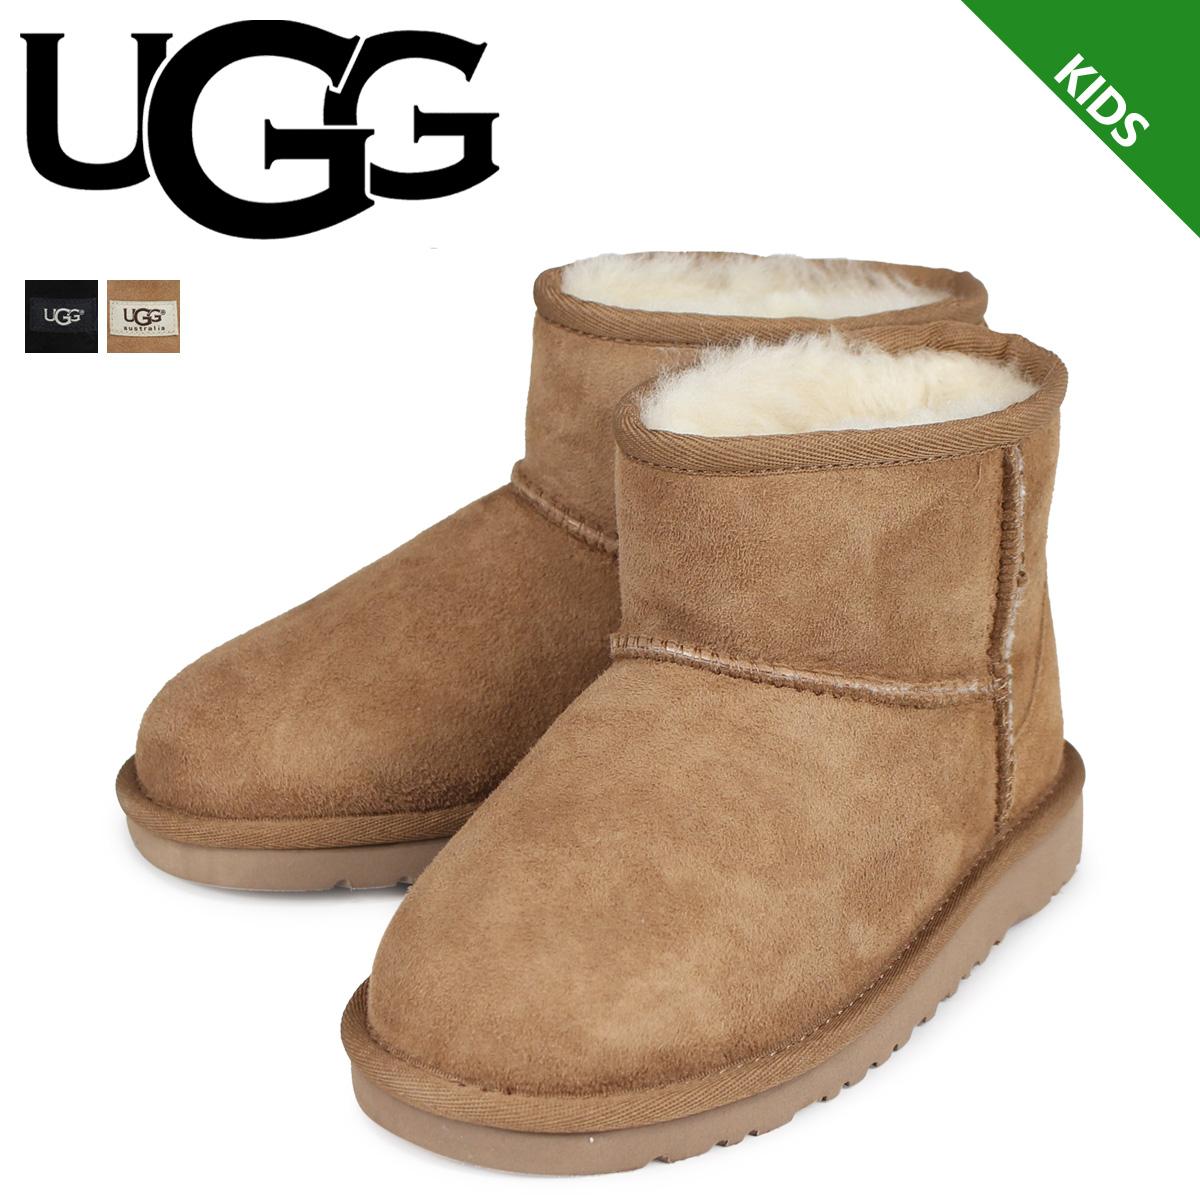 アグ UGG ブーツ ムートンブーツ キッズ クラシック ミニ レディース 1003637K KIDS CLASSIC MINI